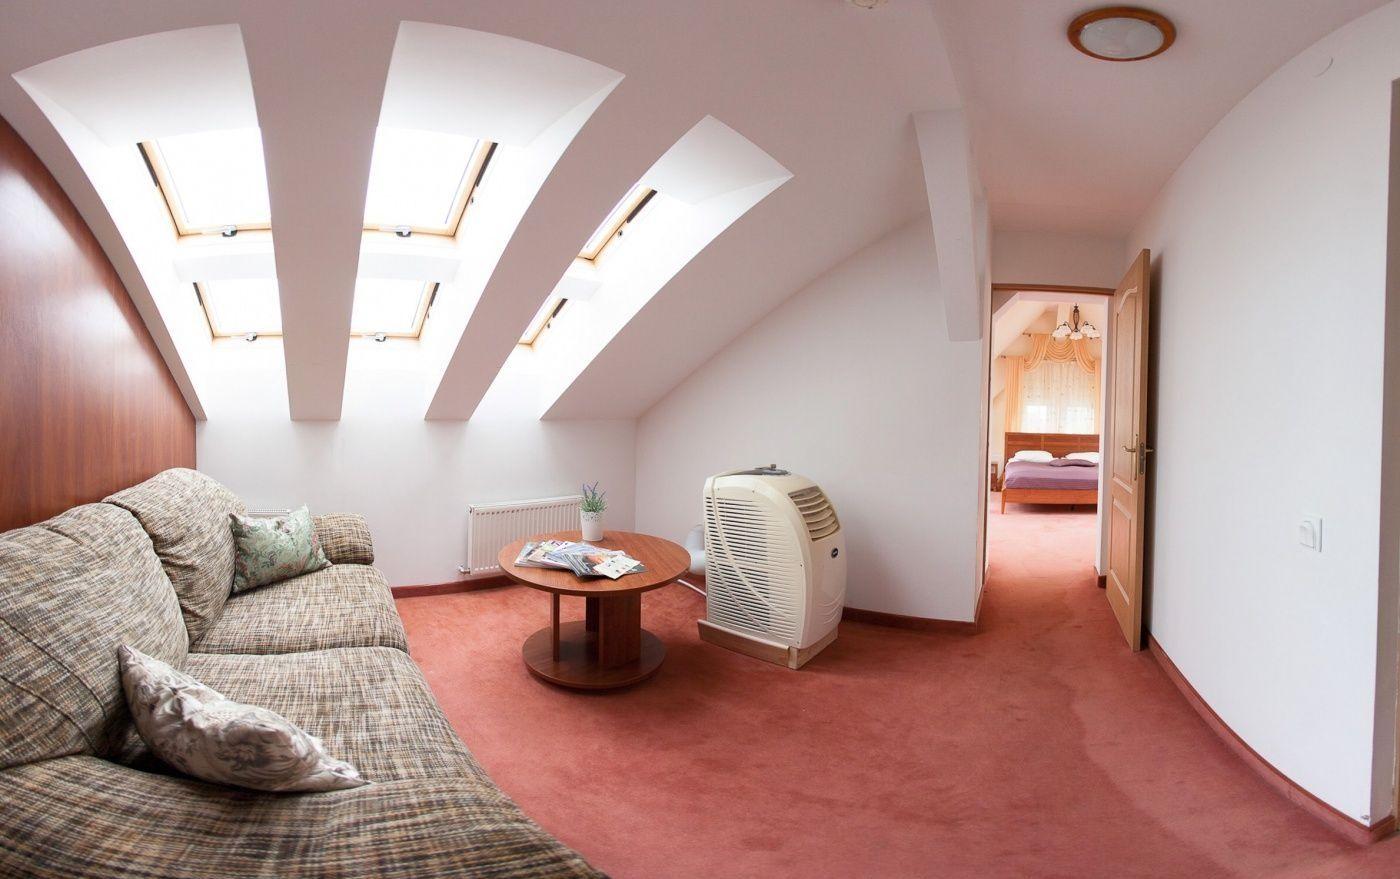 Отель «Альтримо» Калининградская область Номер «Апартаменты», фото 3